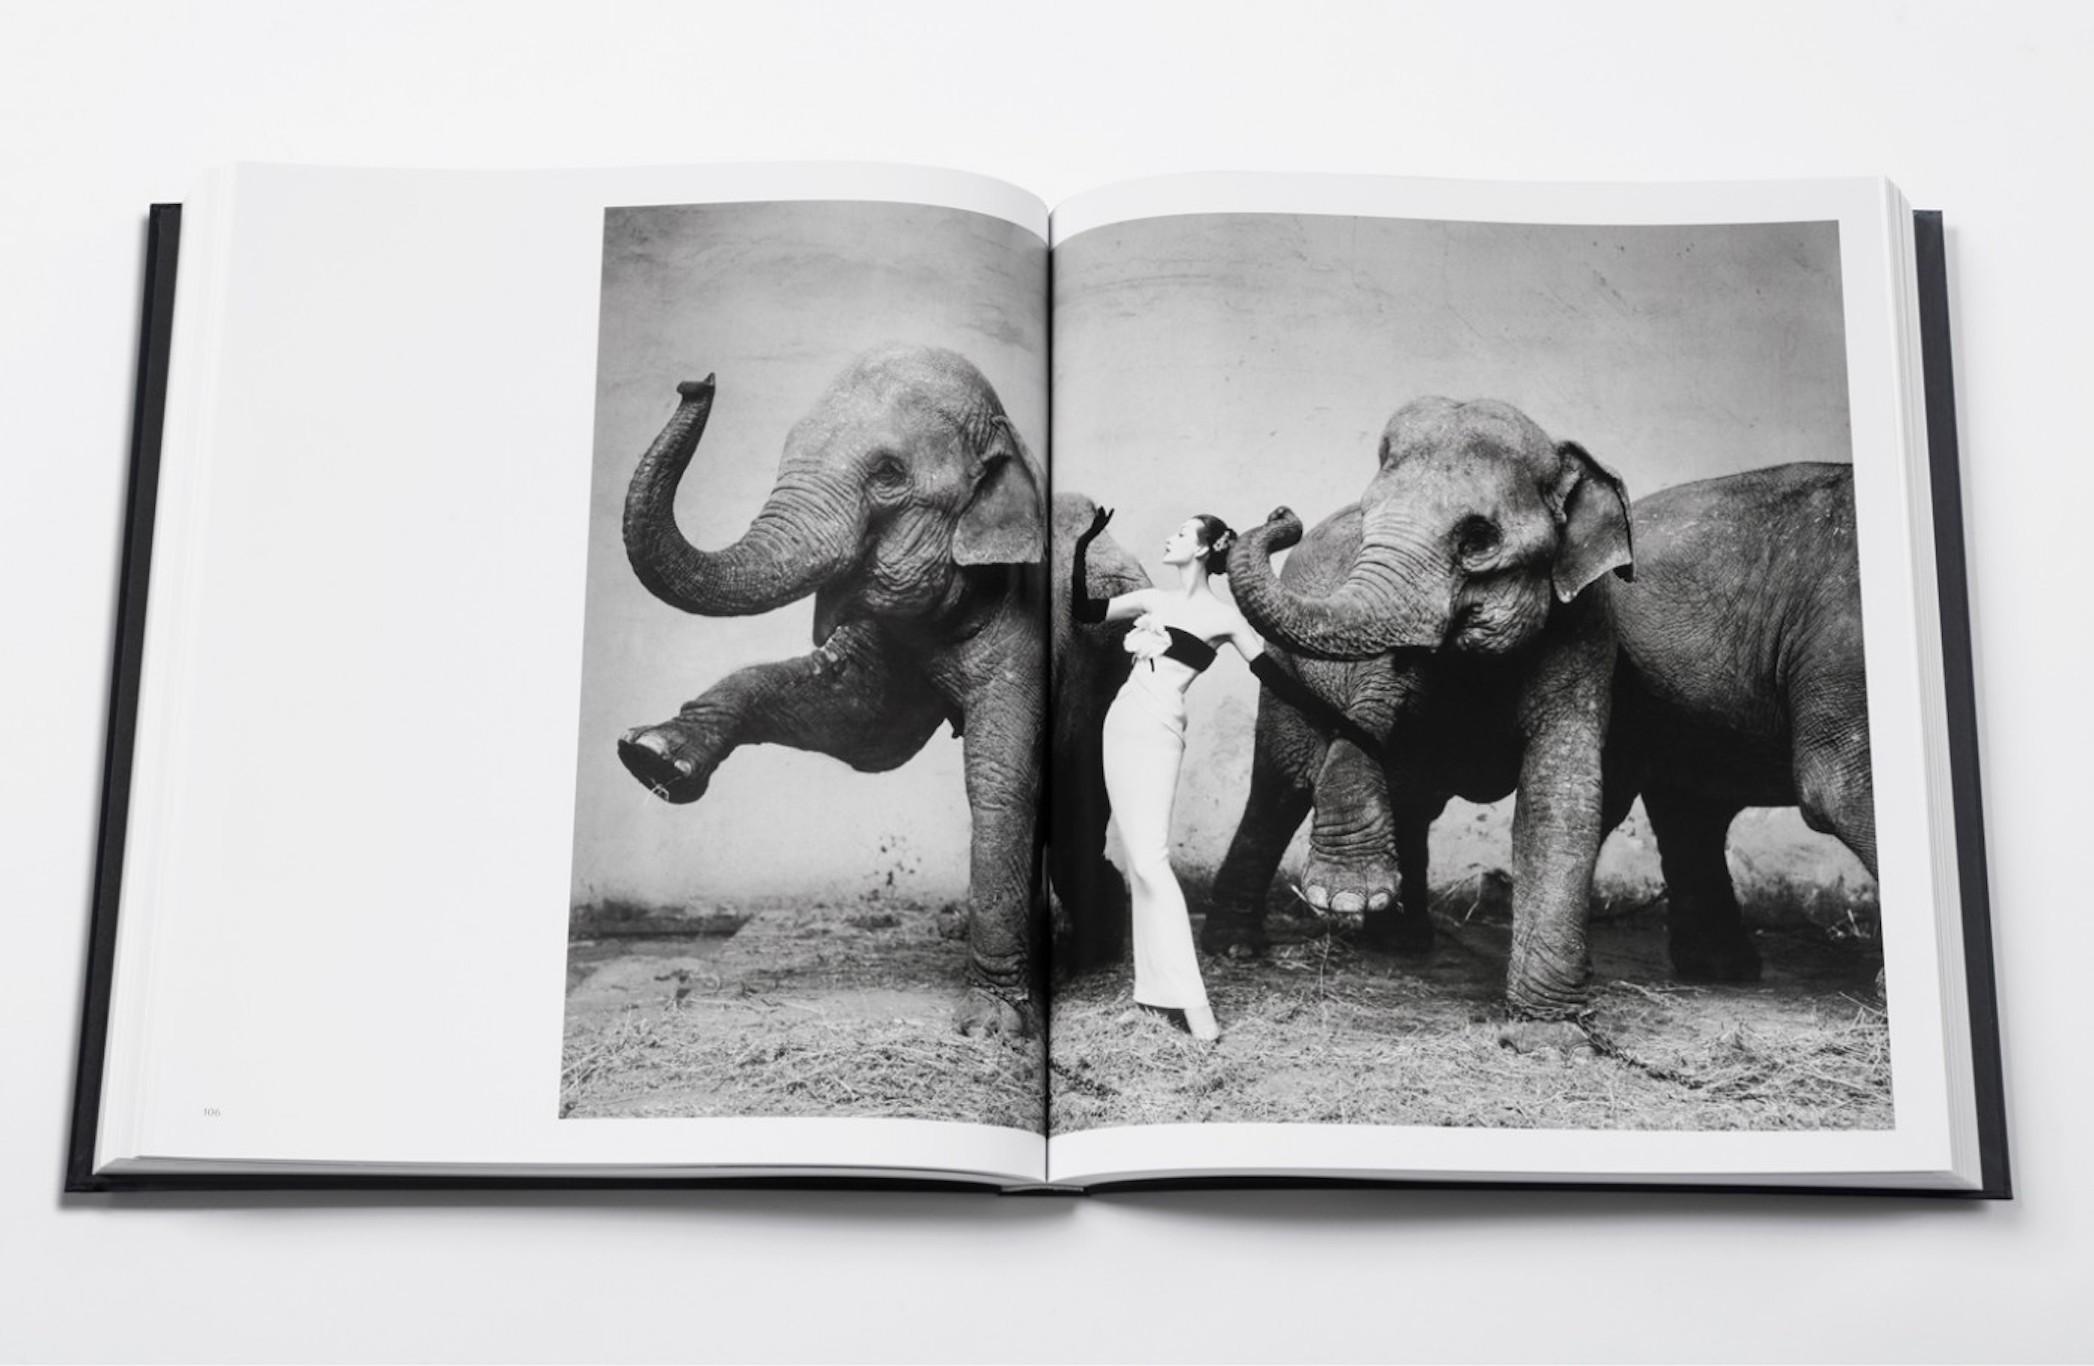 Fashion photography books: Dior by Avedon